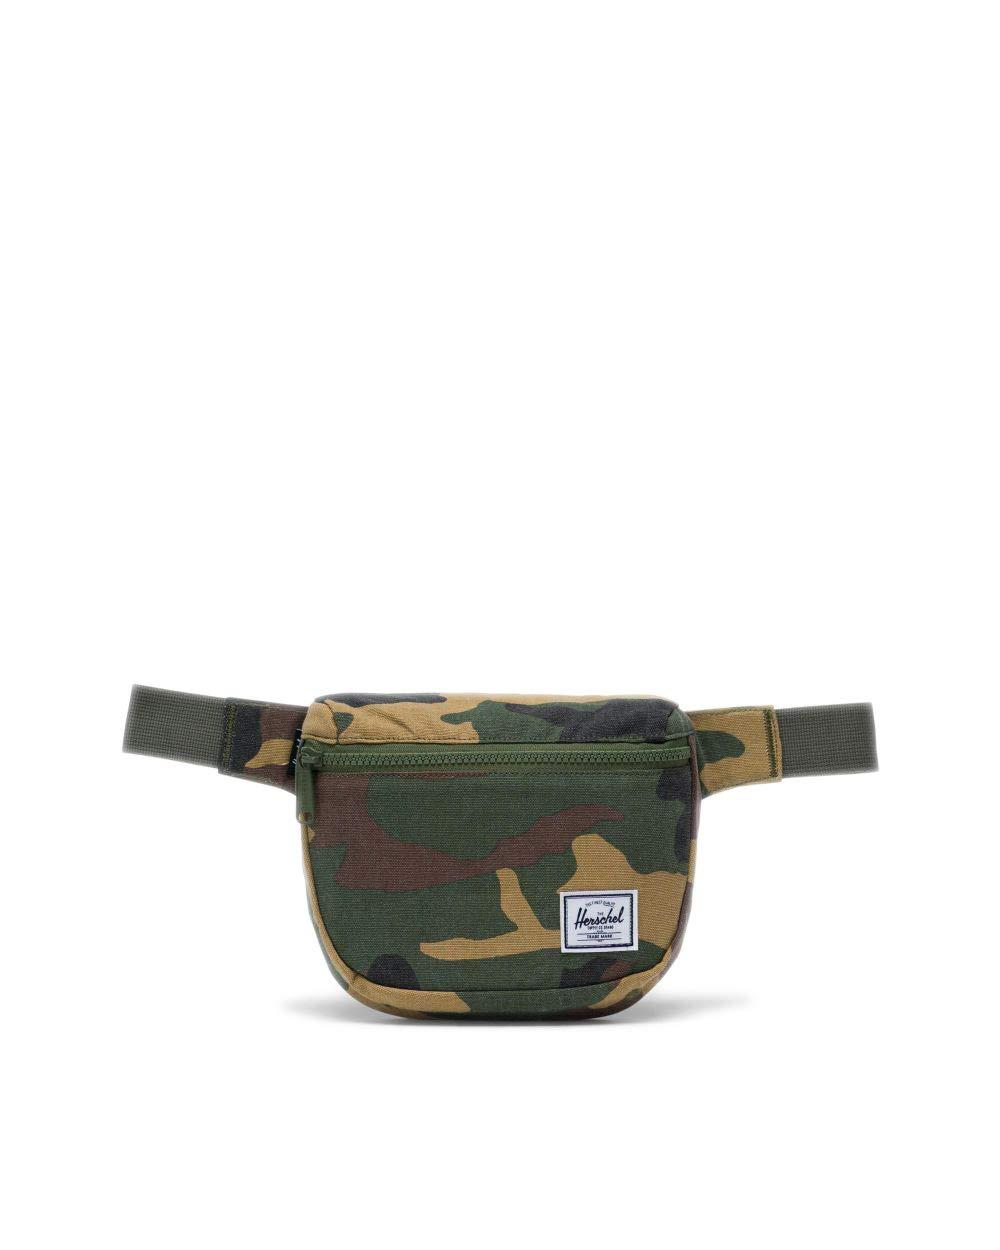 Herschel Supply Co. Fifteen Hip Pack - Camo/Woodland